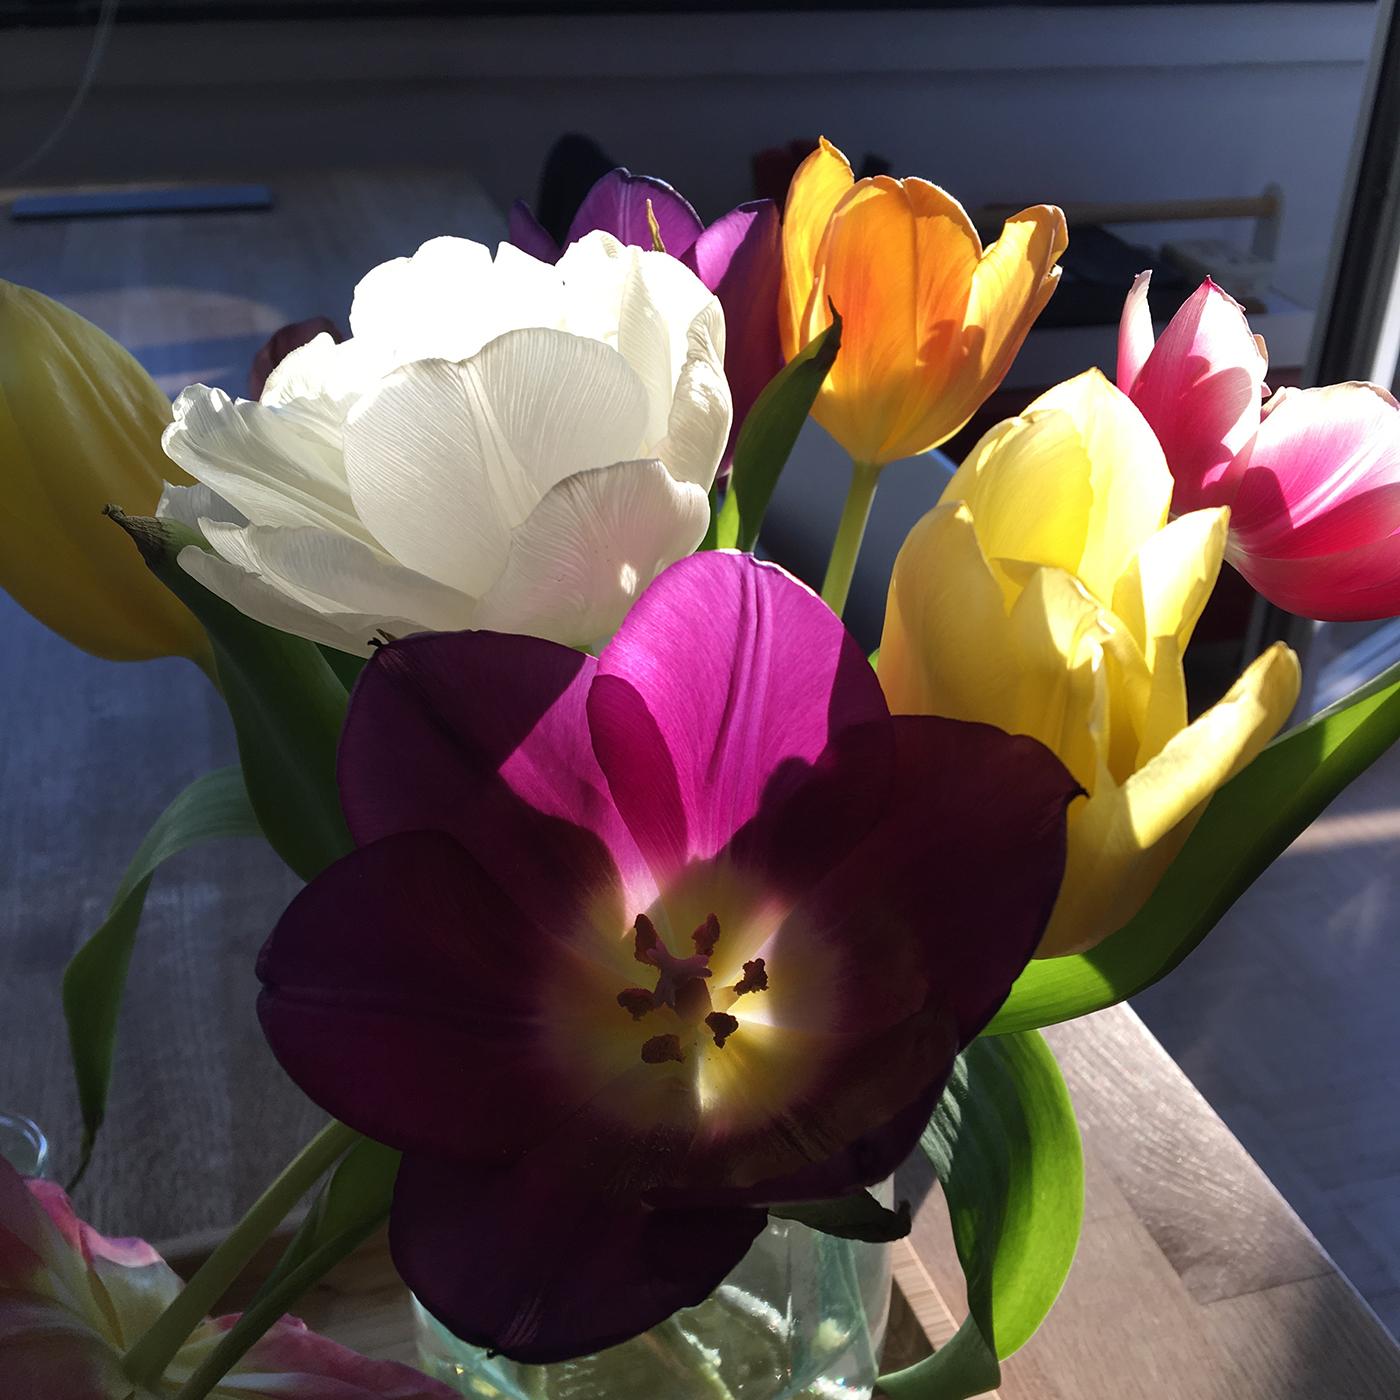 Bunte Tulpen in einer Vase im Gegenlicht. Foto: Janne Klöpper